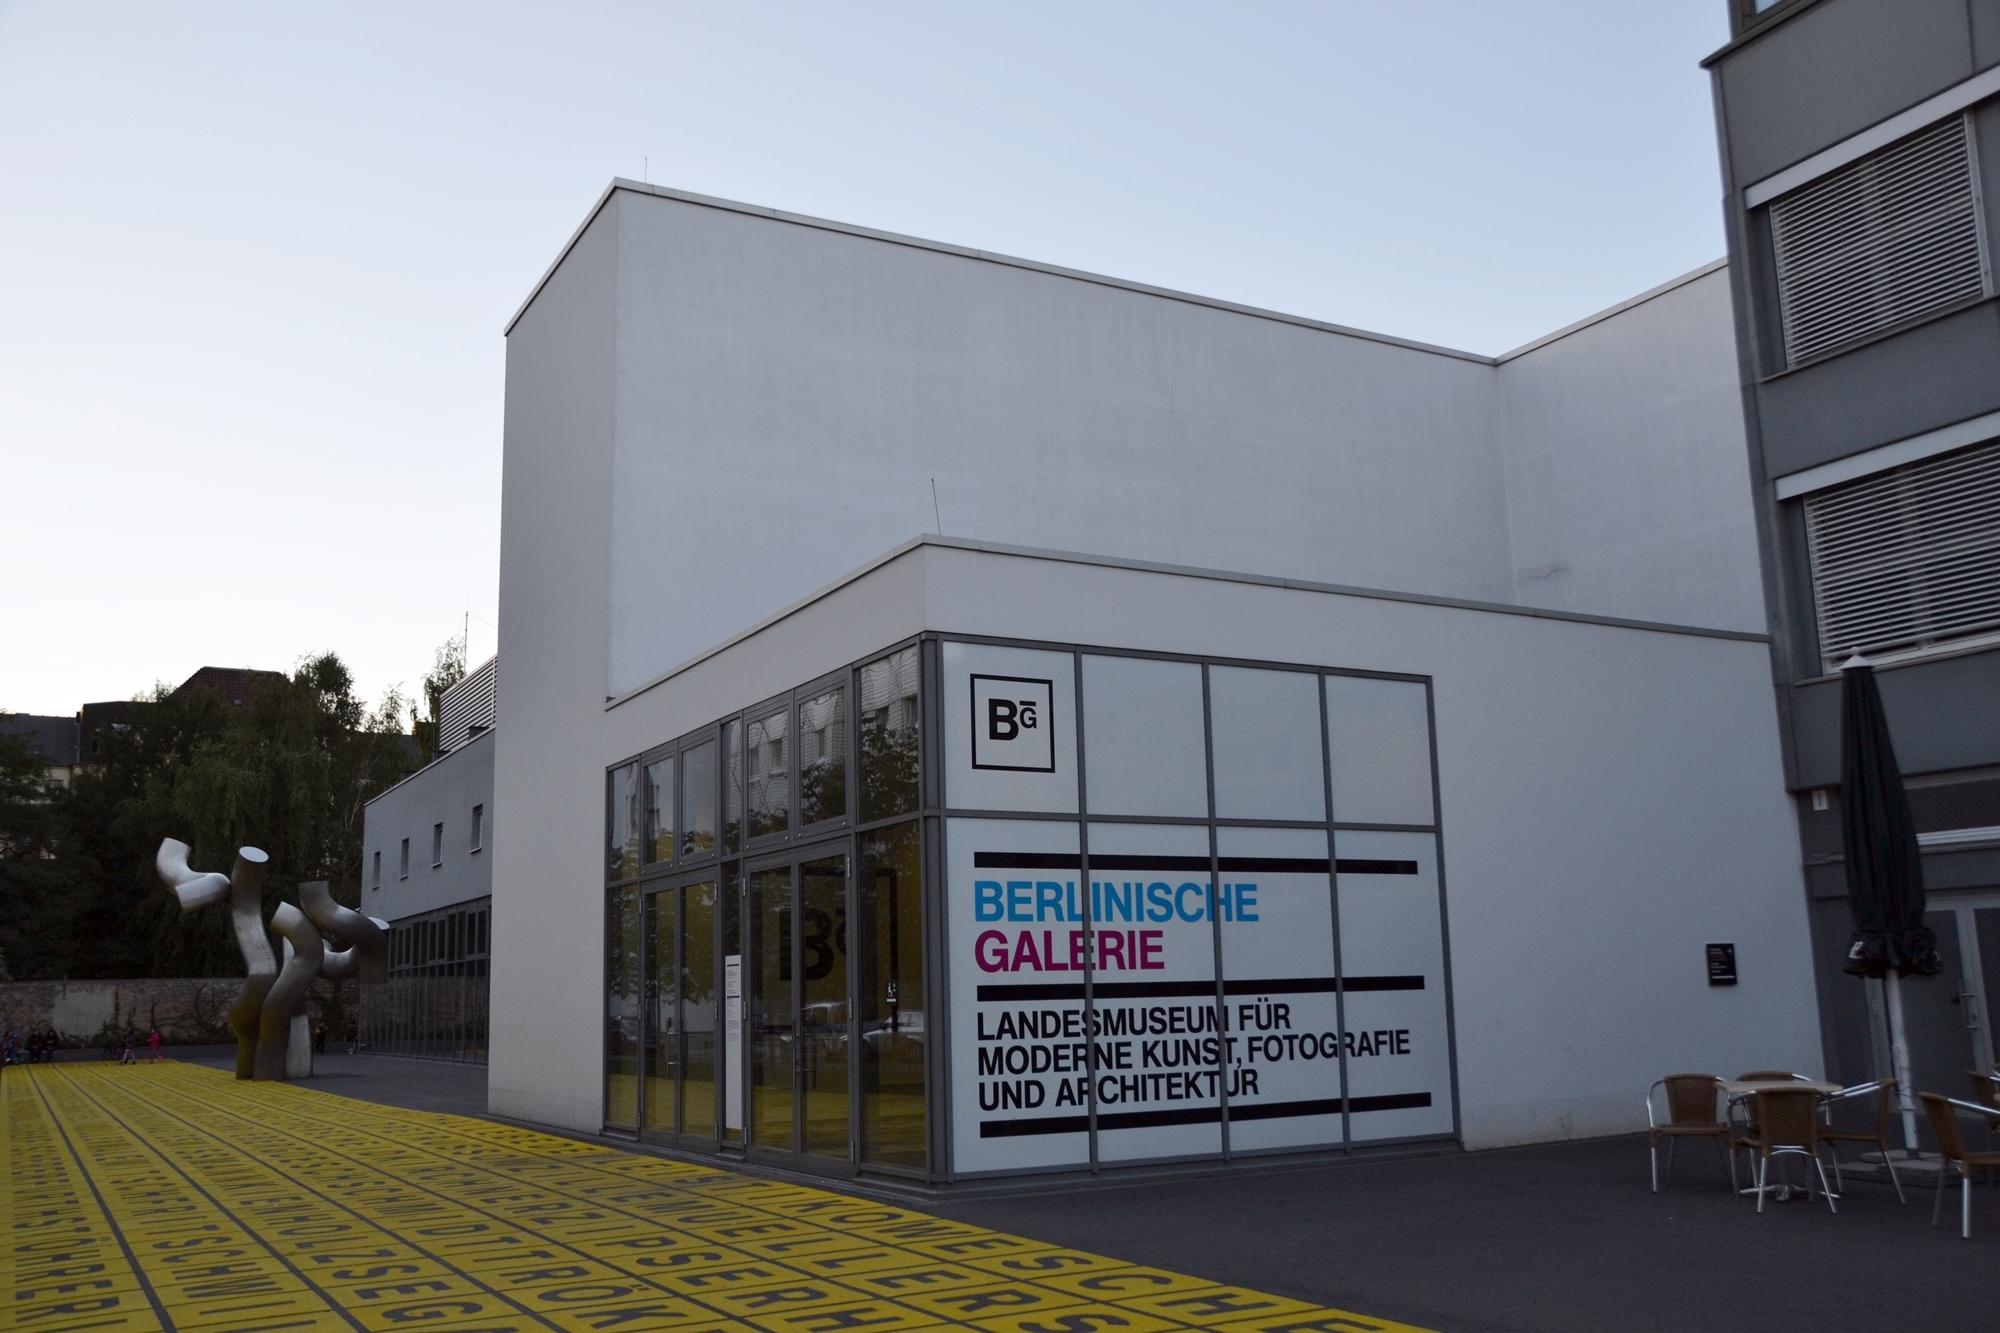 Die Berlinische Galerie in der alten Jakobstraße 124 -128